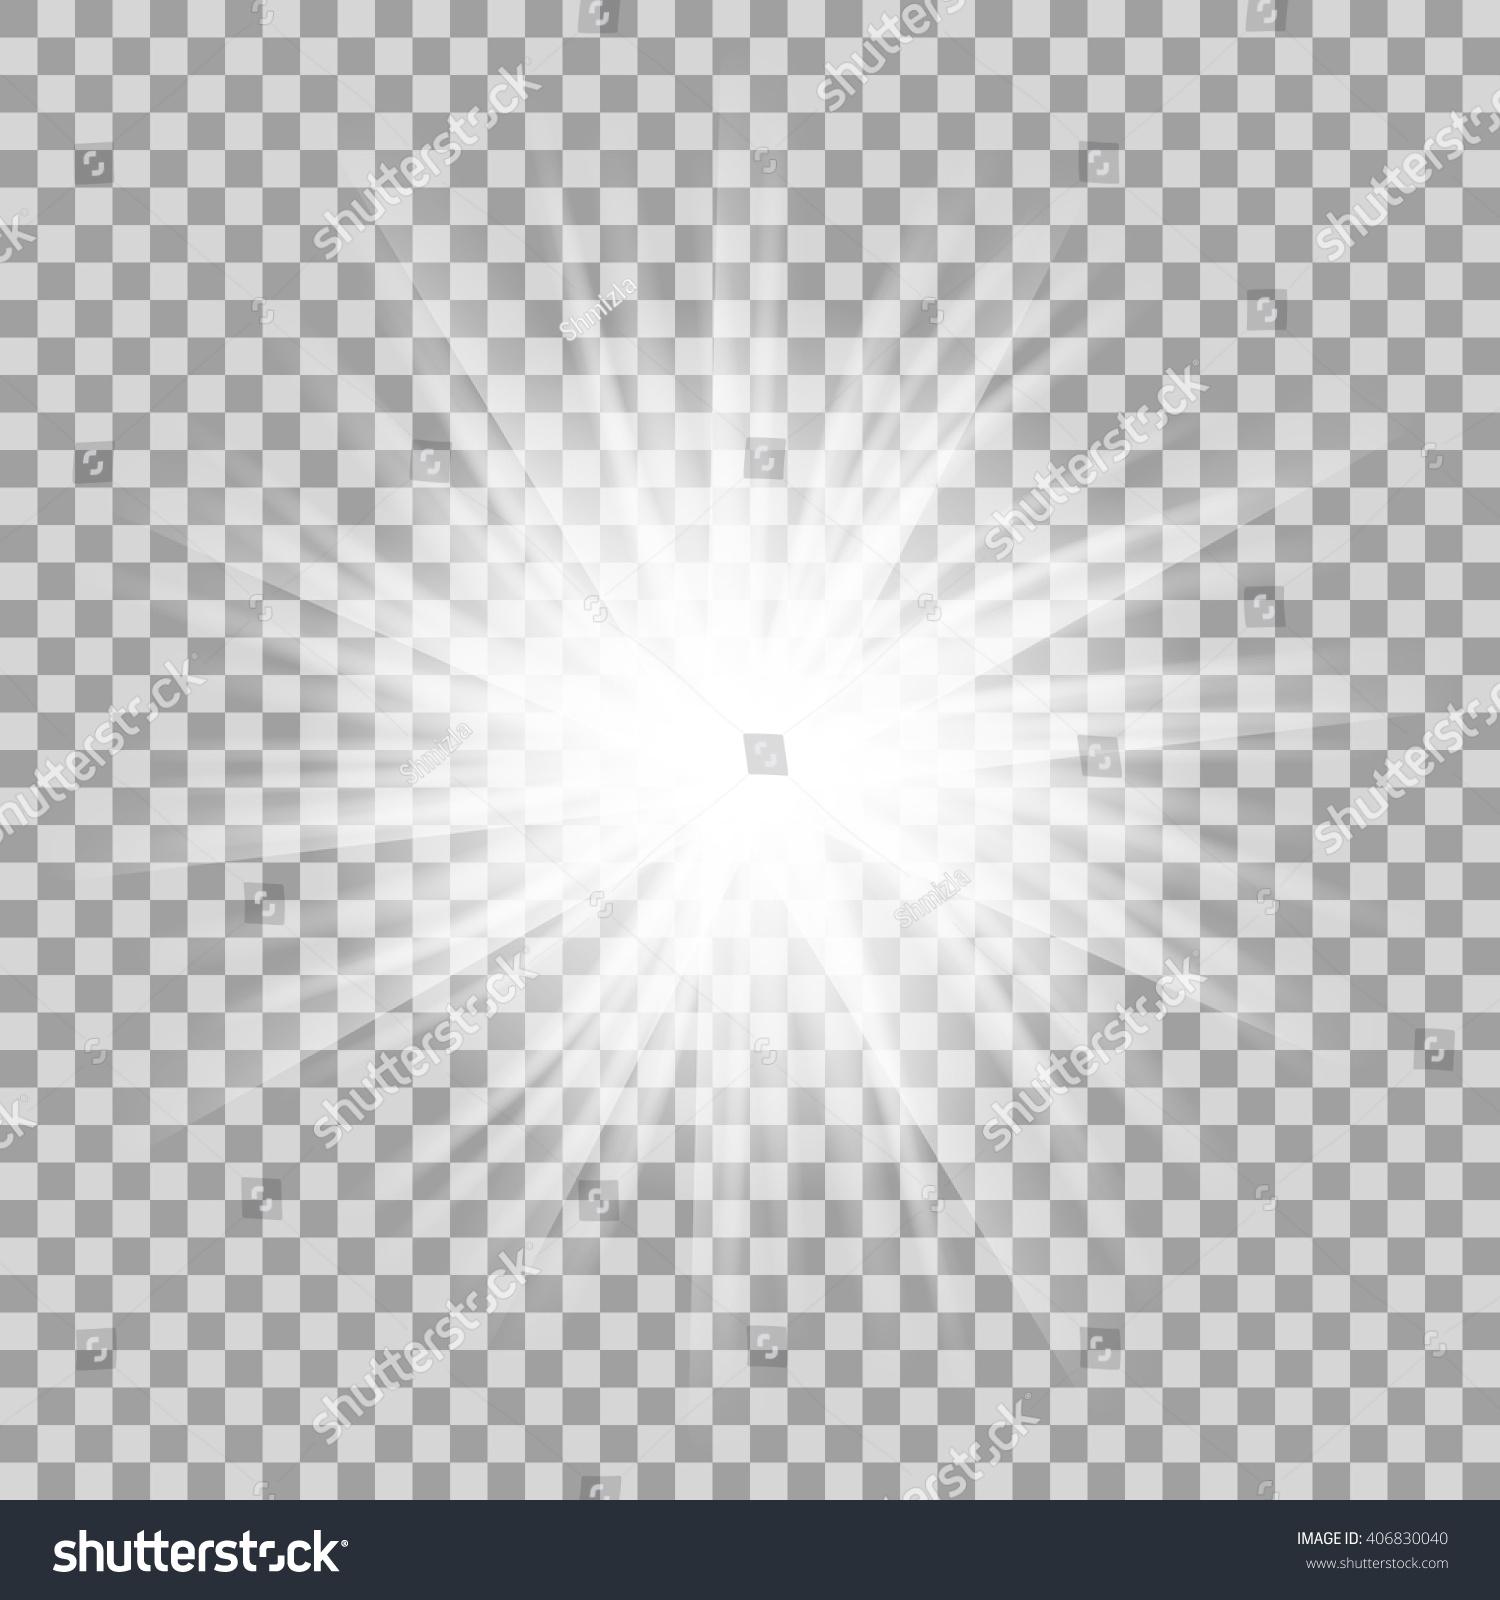 Image Result For Download Black Website Background